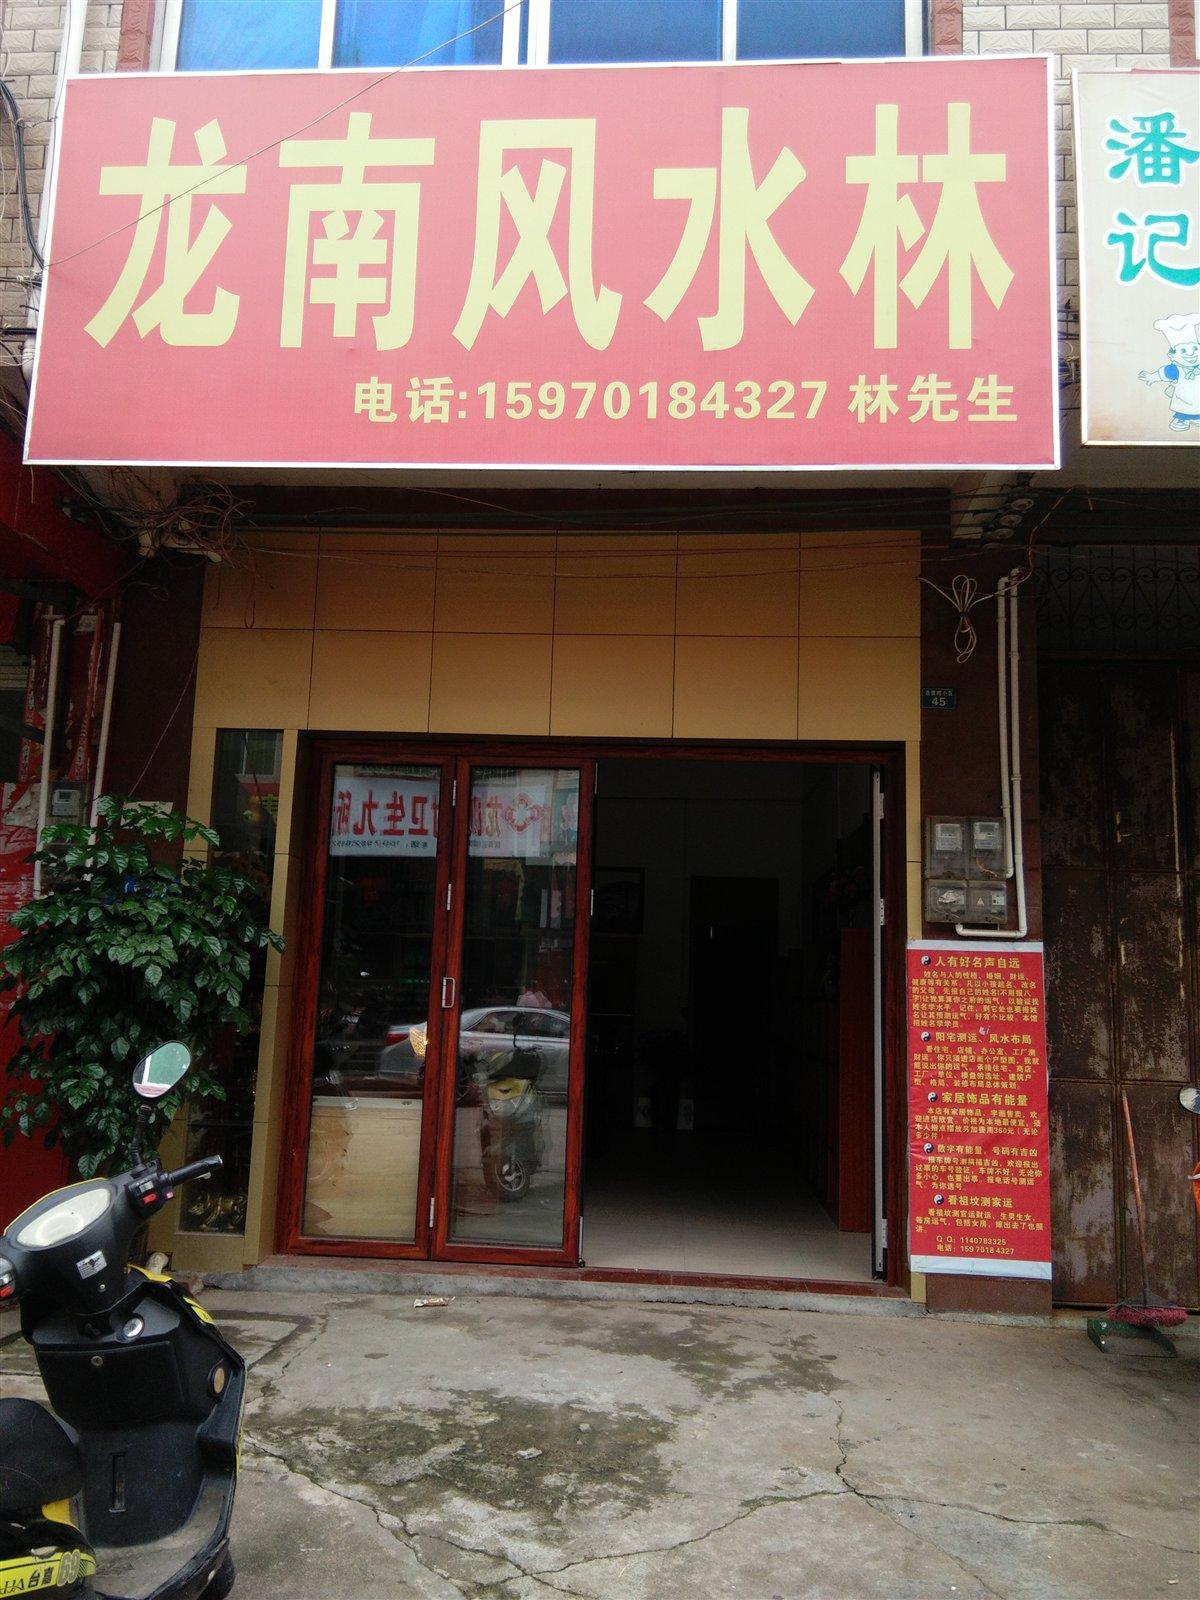 470312新葡京网址-新葡京网站-新葡京官网风水林